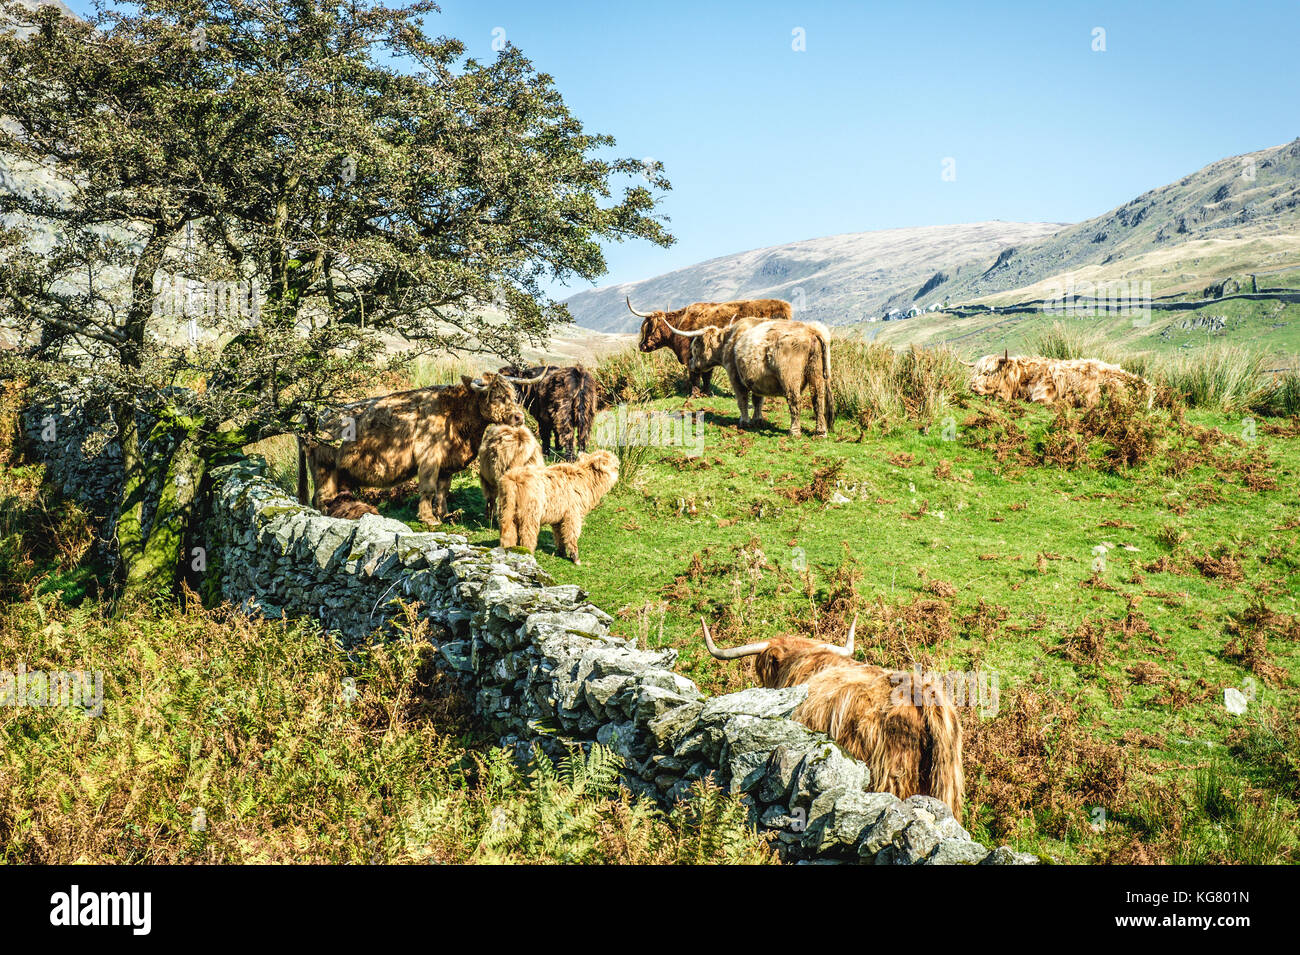 Allevamento di bovini highland in piedi in un campo nel parco nazionale del distretto dei laghi Immagini Stock